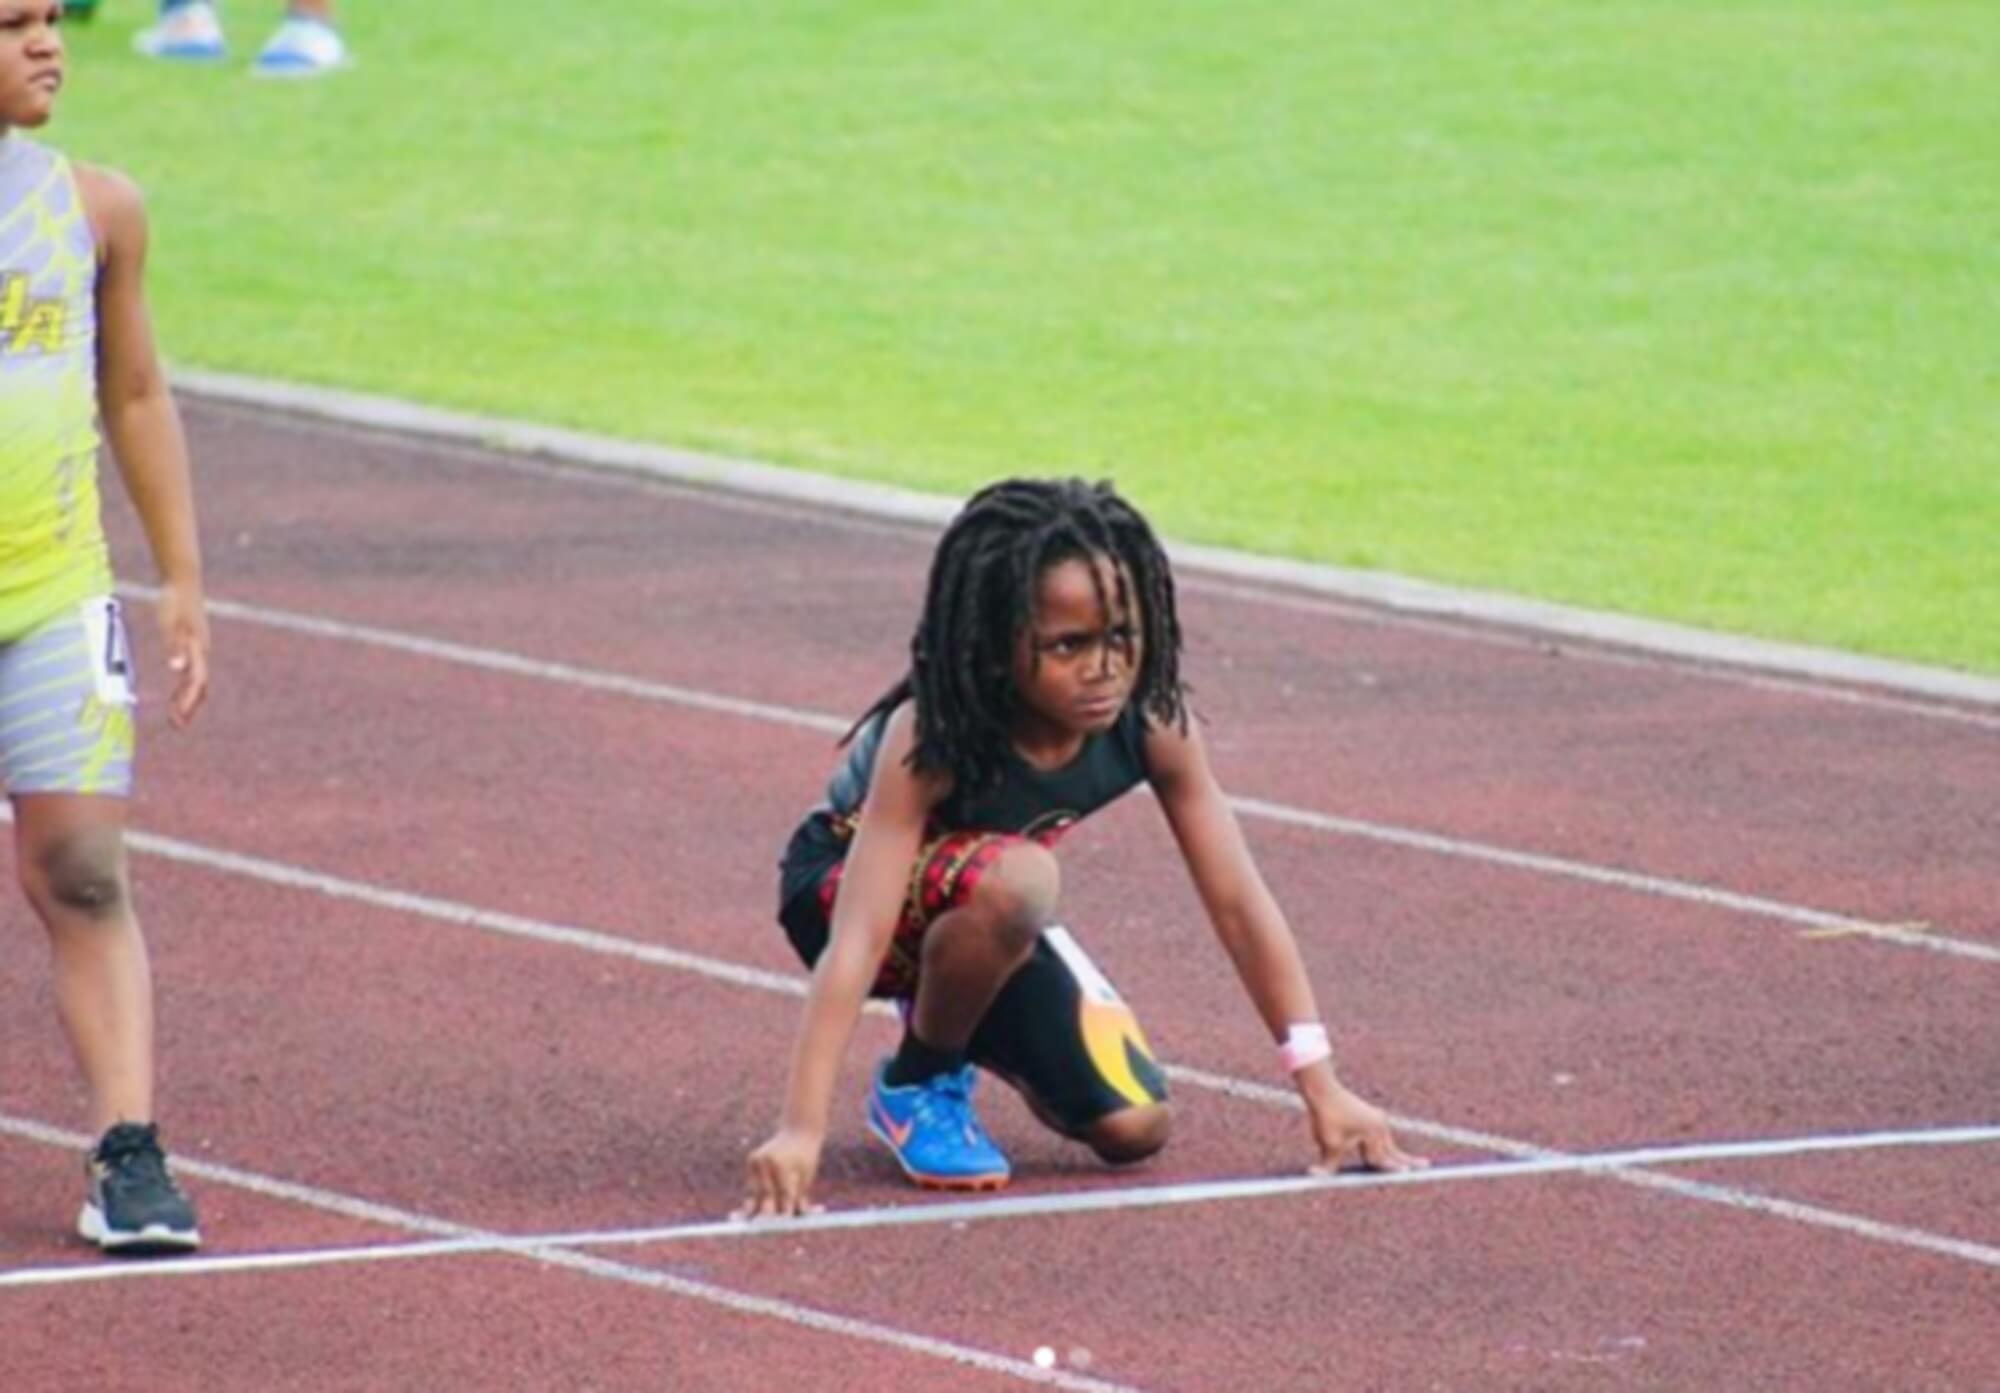 Αυτός είναι ο ταχύτερος 7χρονος στον κόσμο! Απίστευτες επιδόσεις – Προκαλεί τον Μπολτ – video